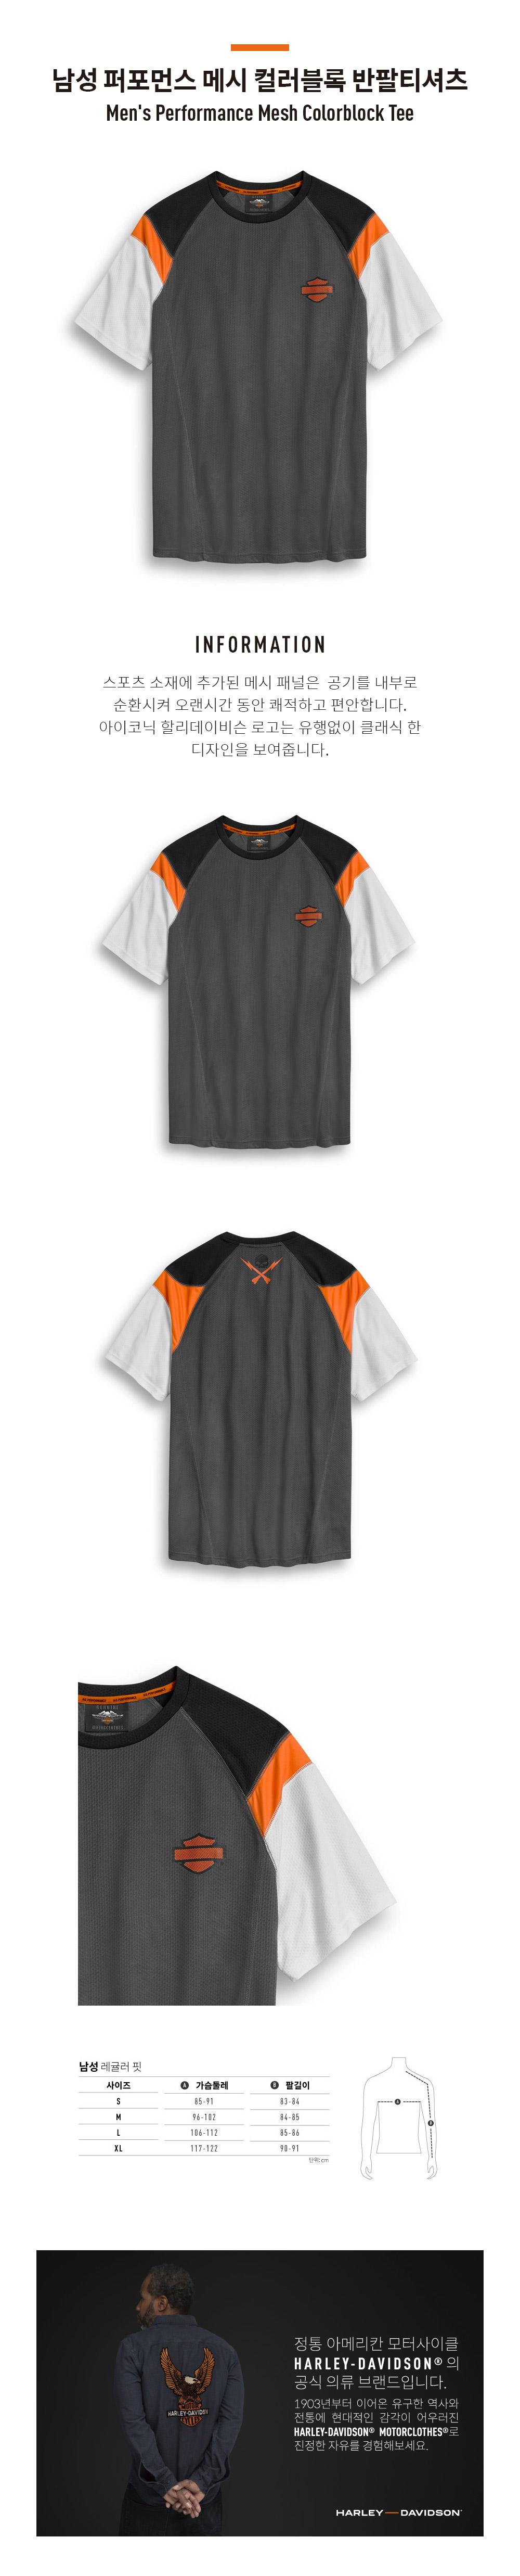 남성 퍼포먼스 메시 컬러블록 반팔티셔츠